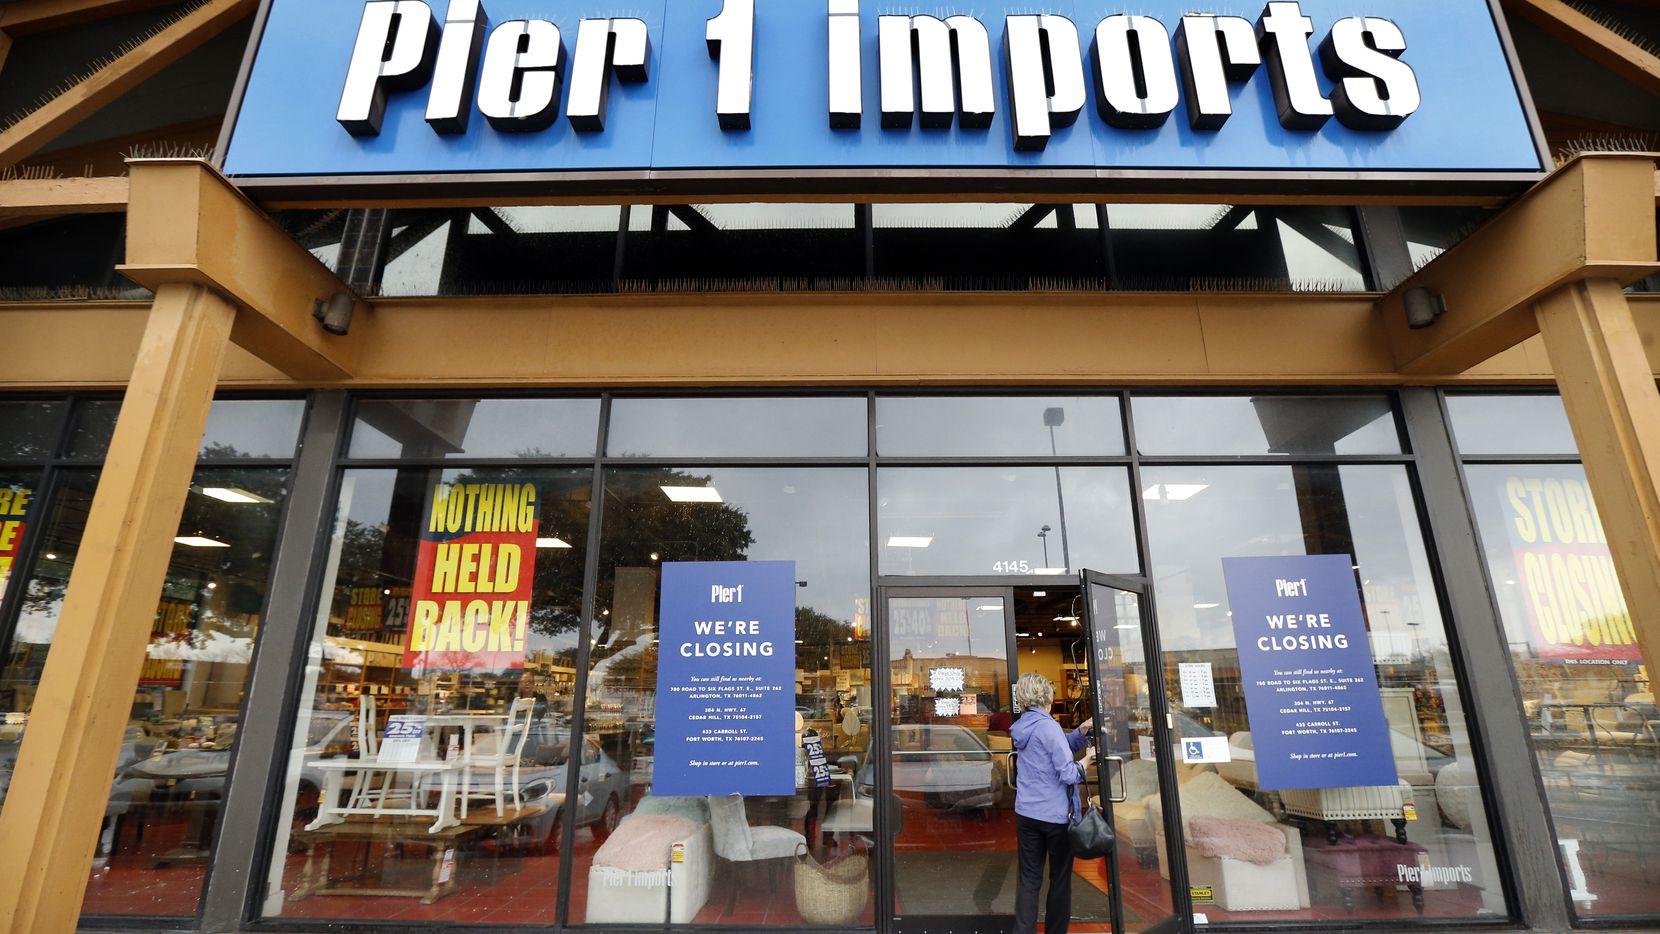 Un total de 450 tiendas de Pier 1 cerrarán en Estados Unidos y Canadá.